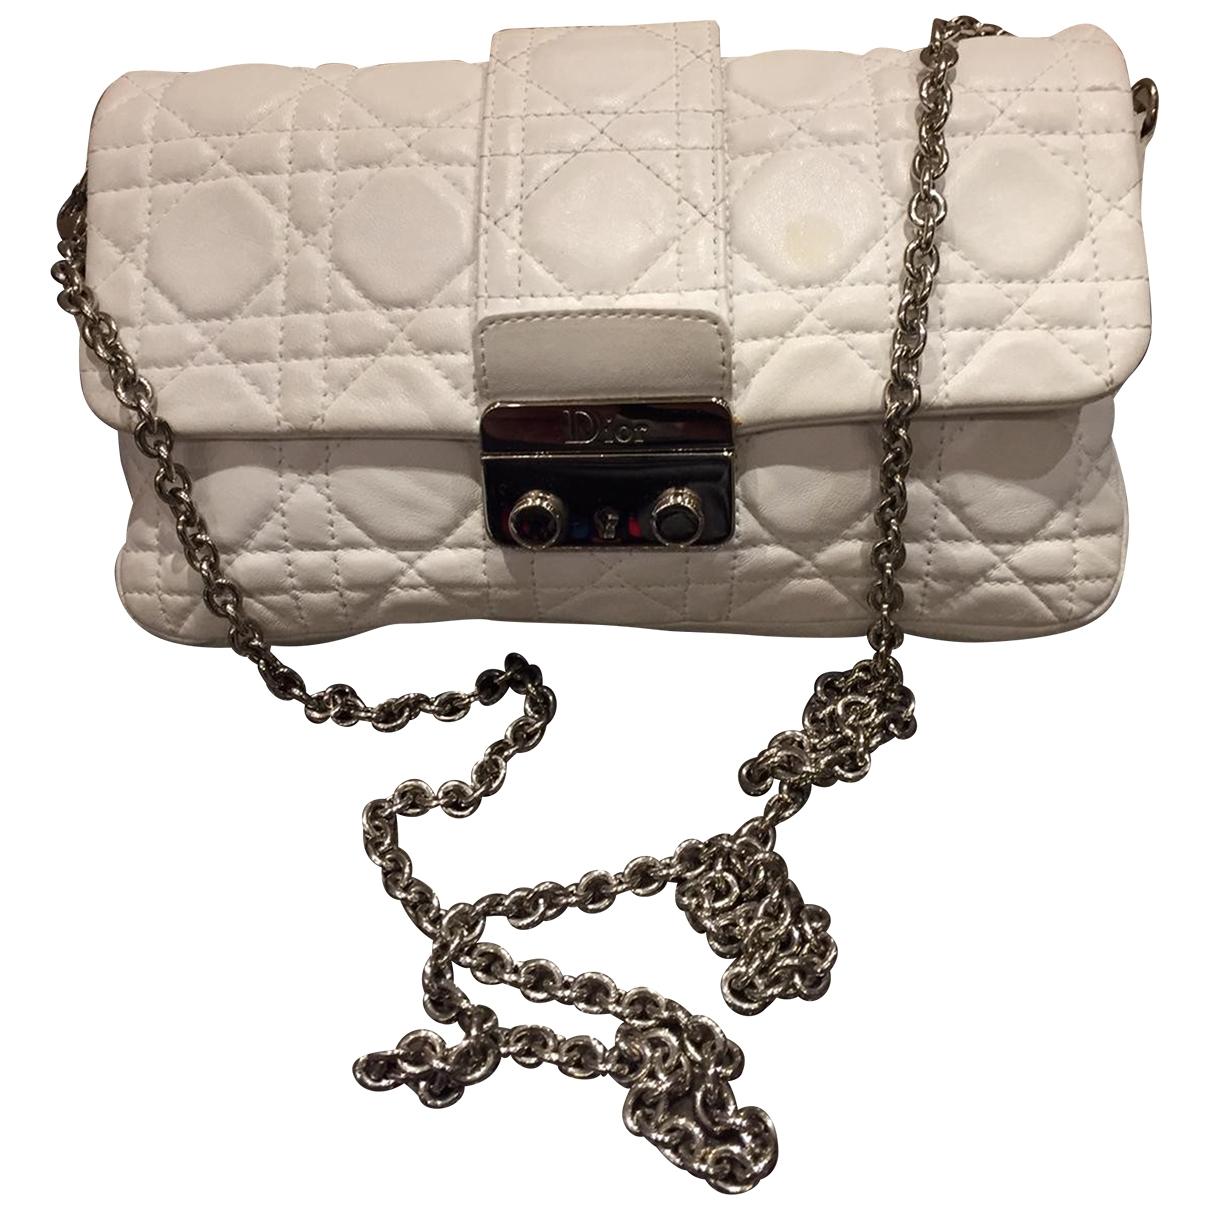 Dior - Sac a main Miss Dior pour femme en cuir - blanc